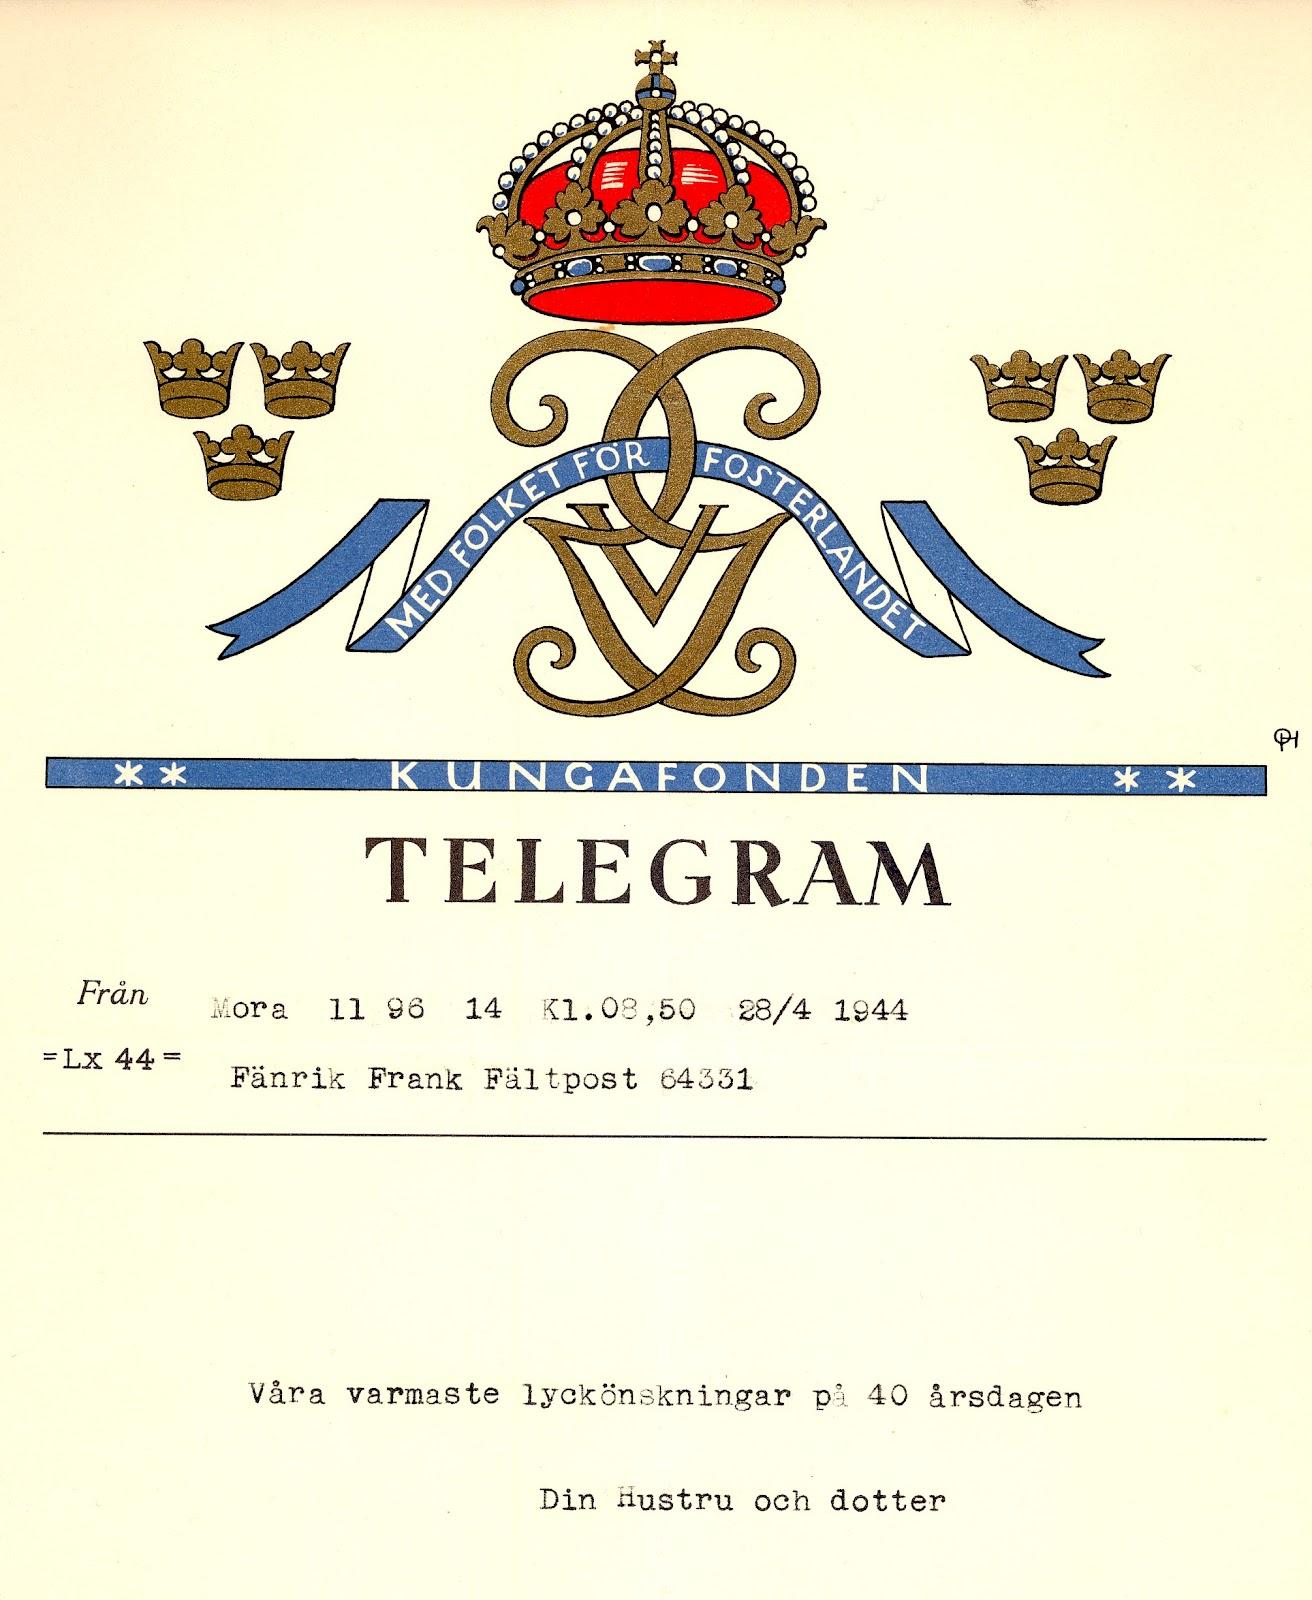 telegram 50 år r&c:s pensionärsliv: 2012 04 telegram 50 år